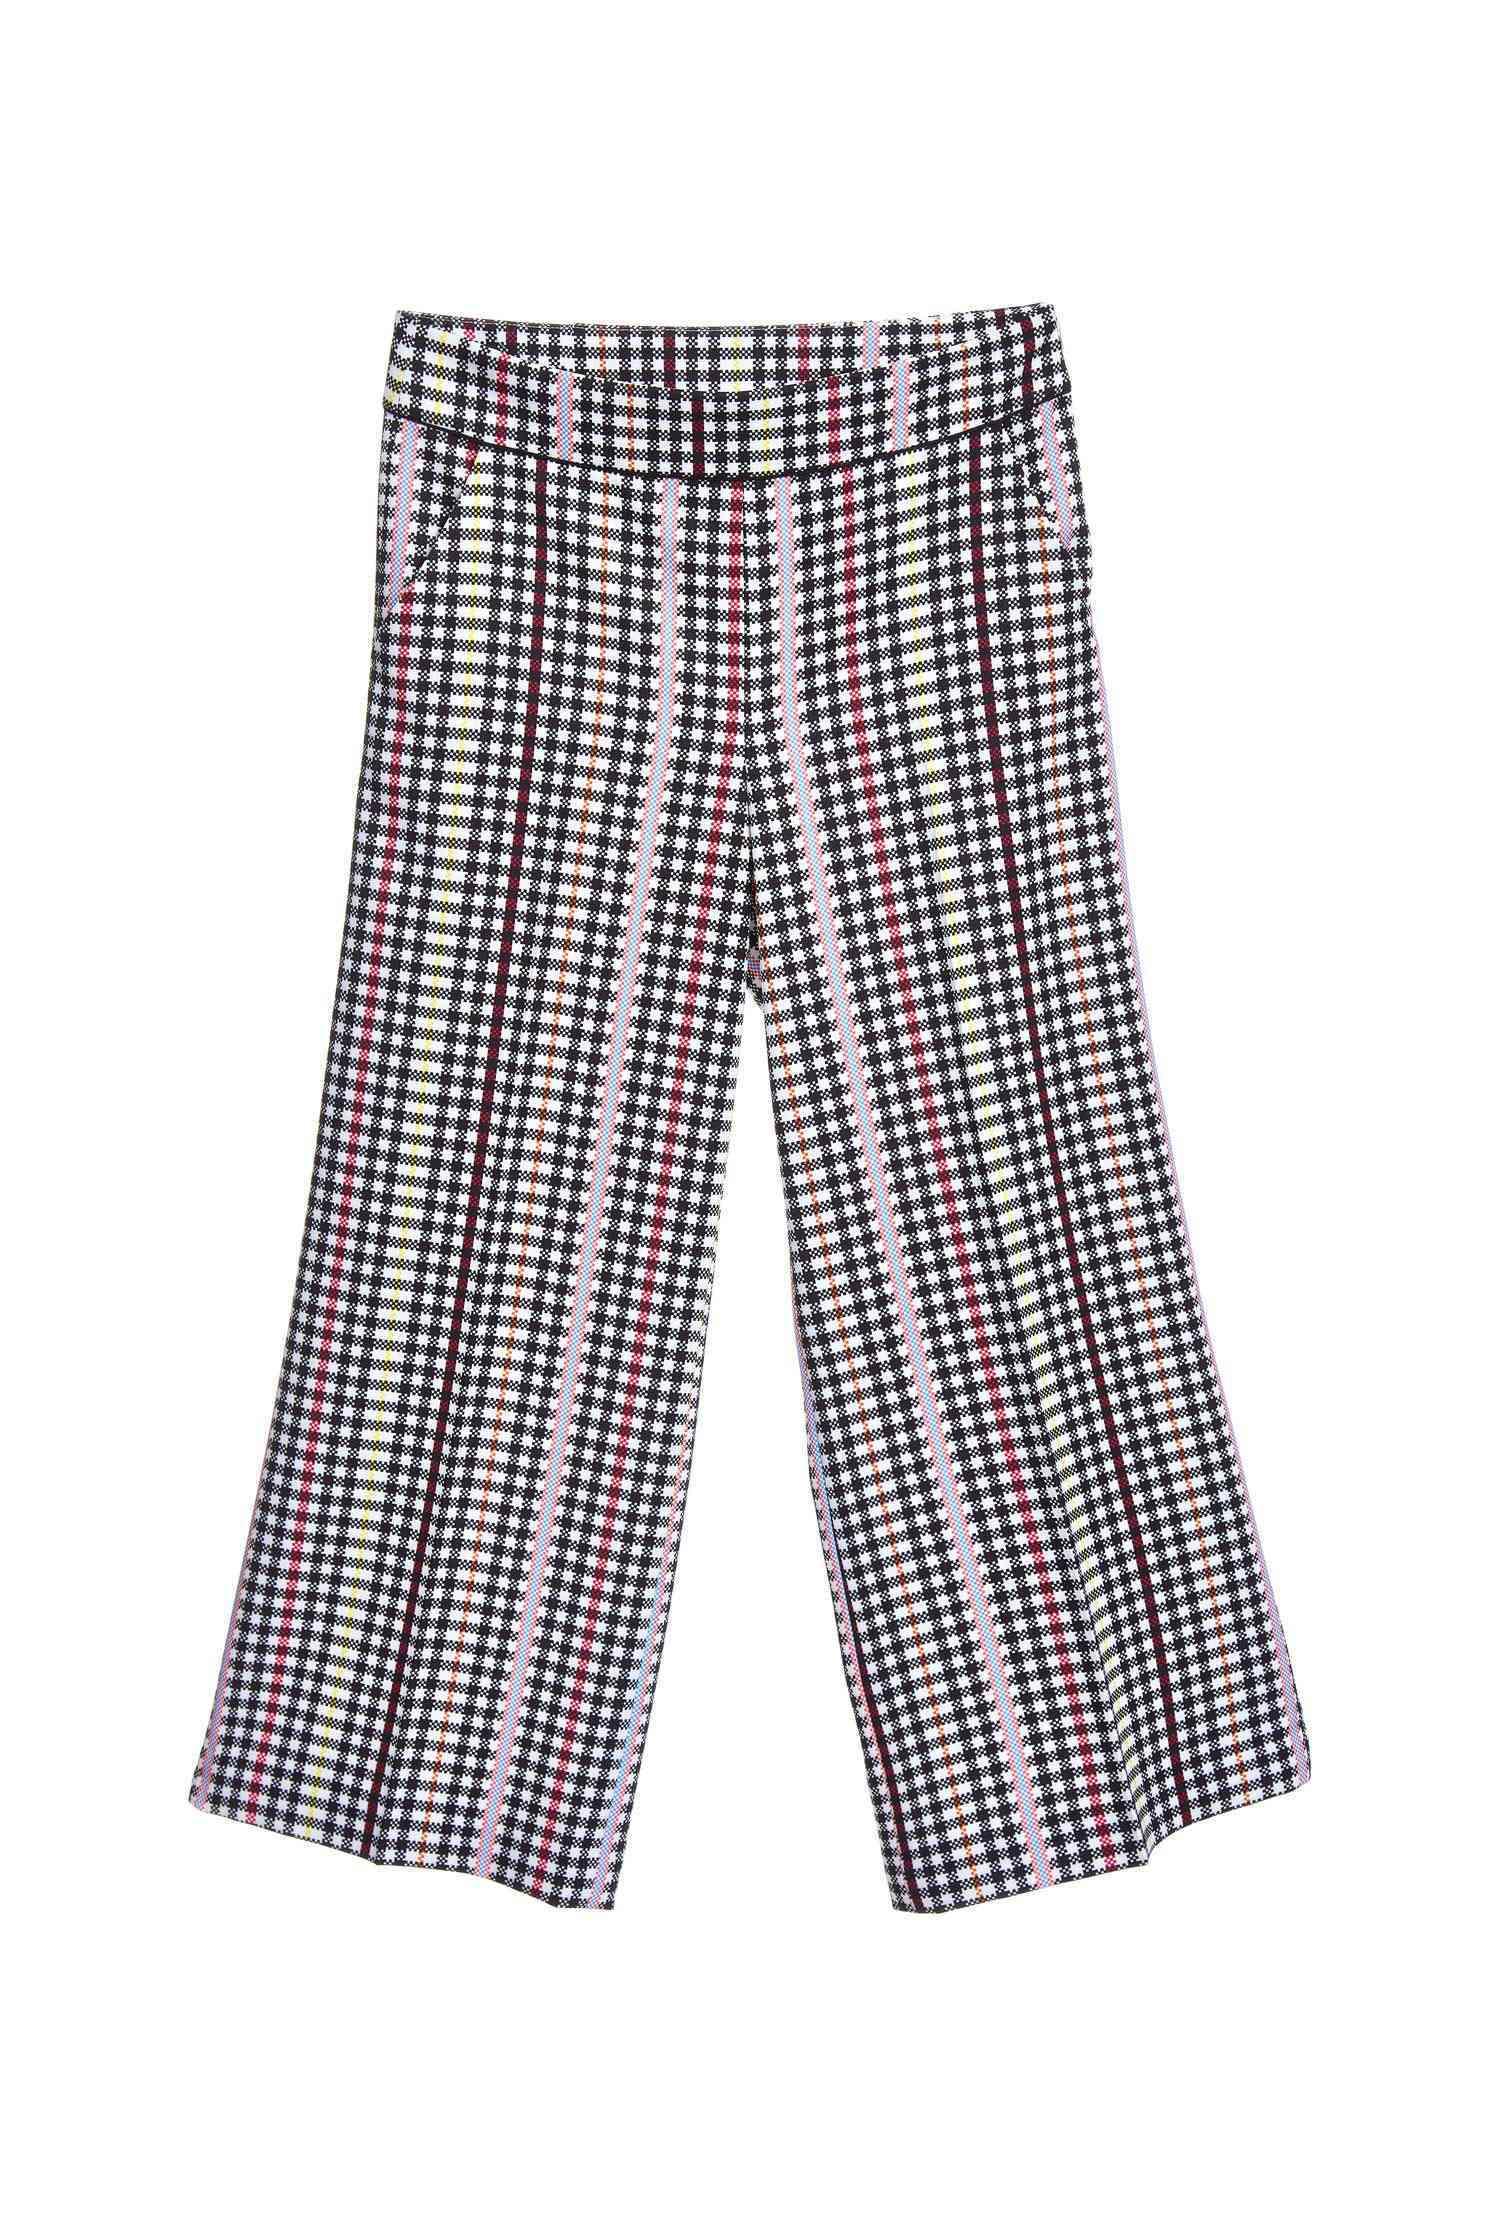 .,culottespants,pants,wasthin